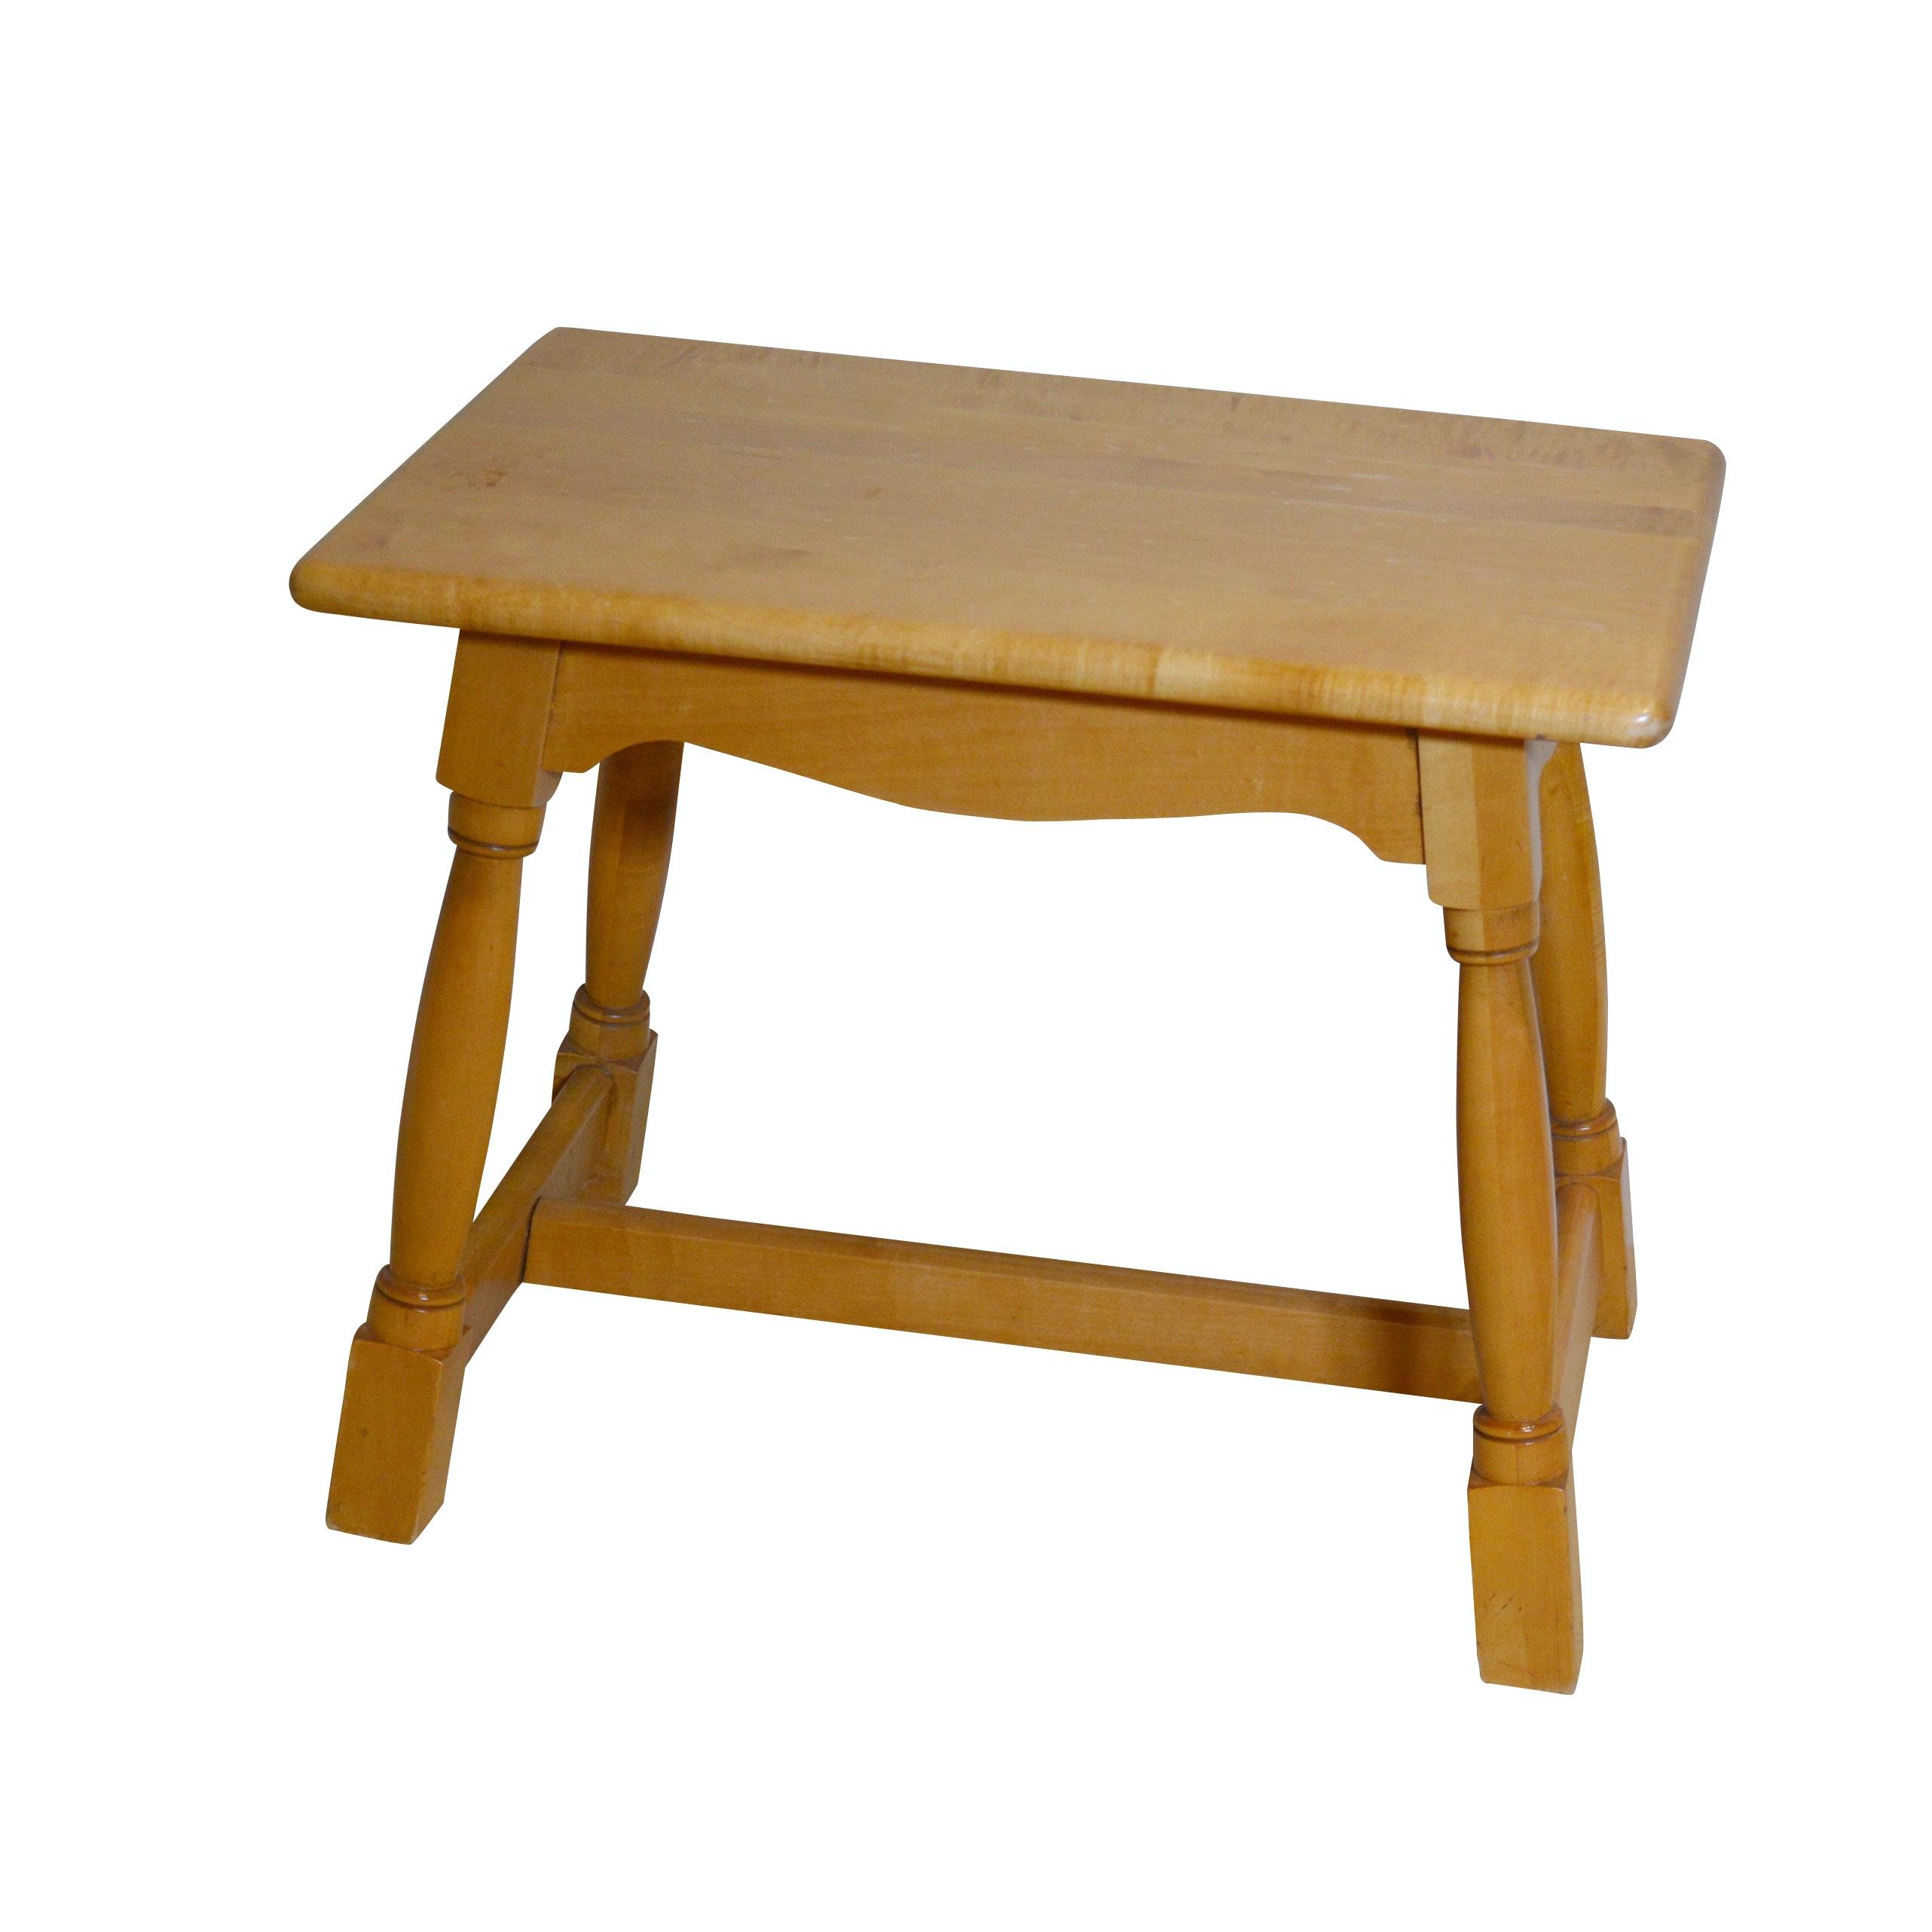 Willett Furniture Maple Bench